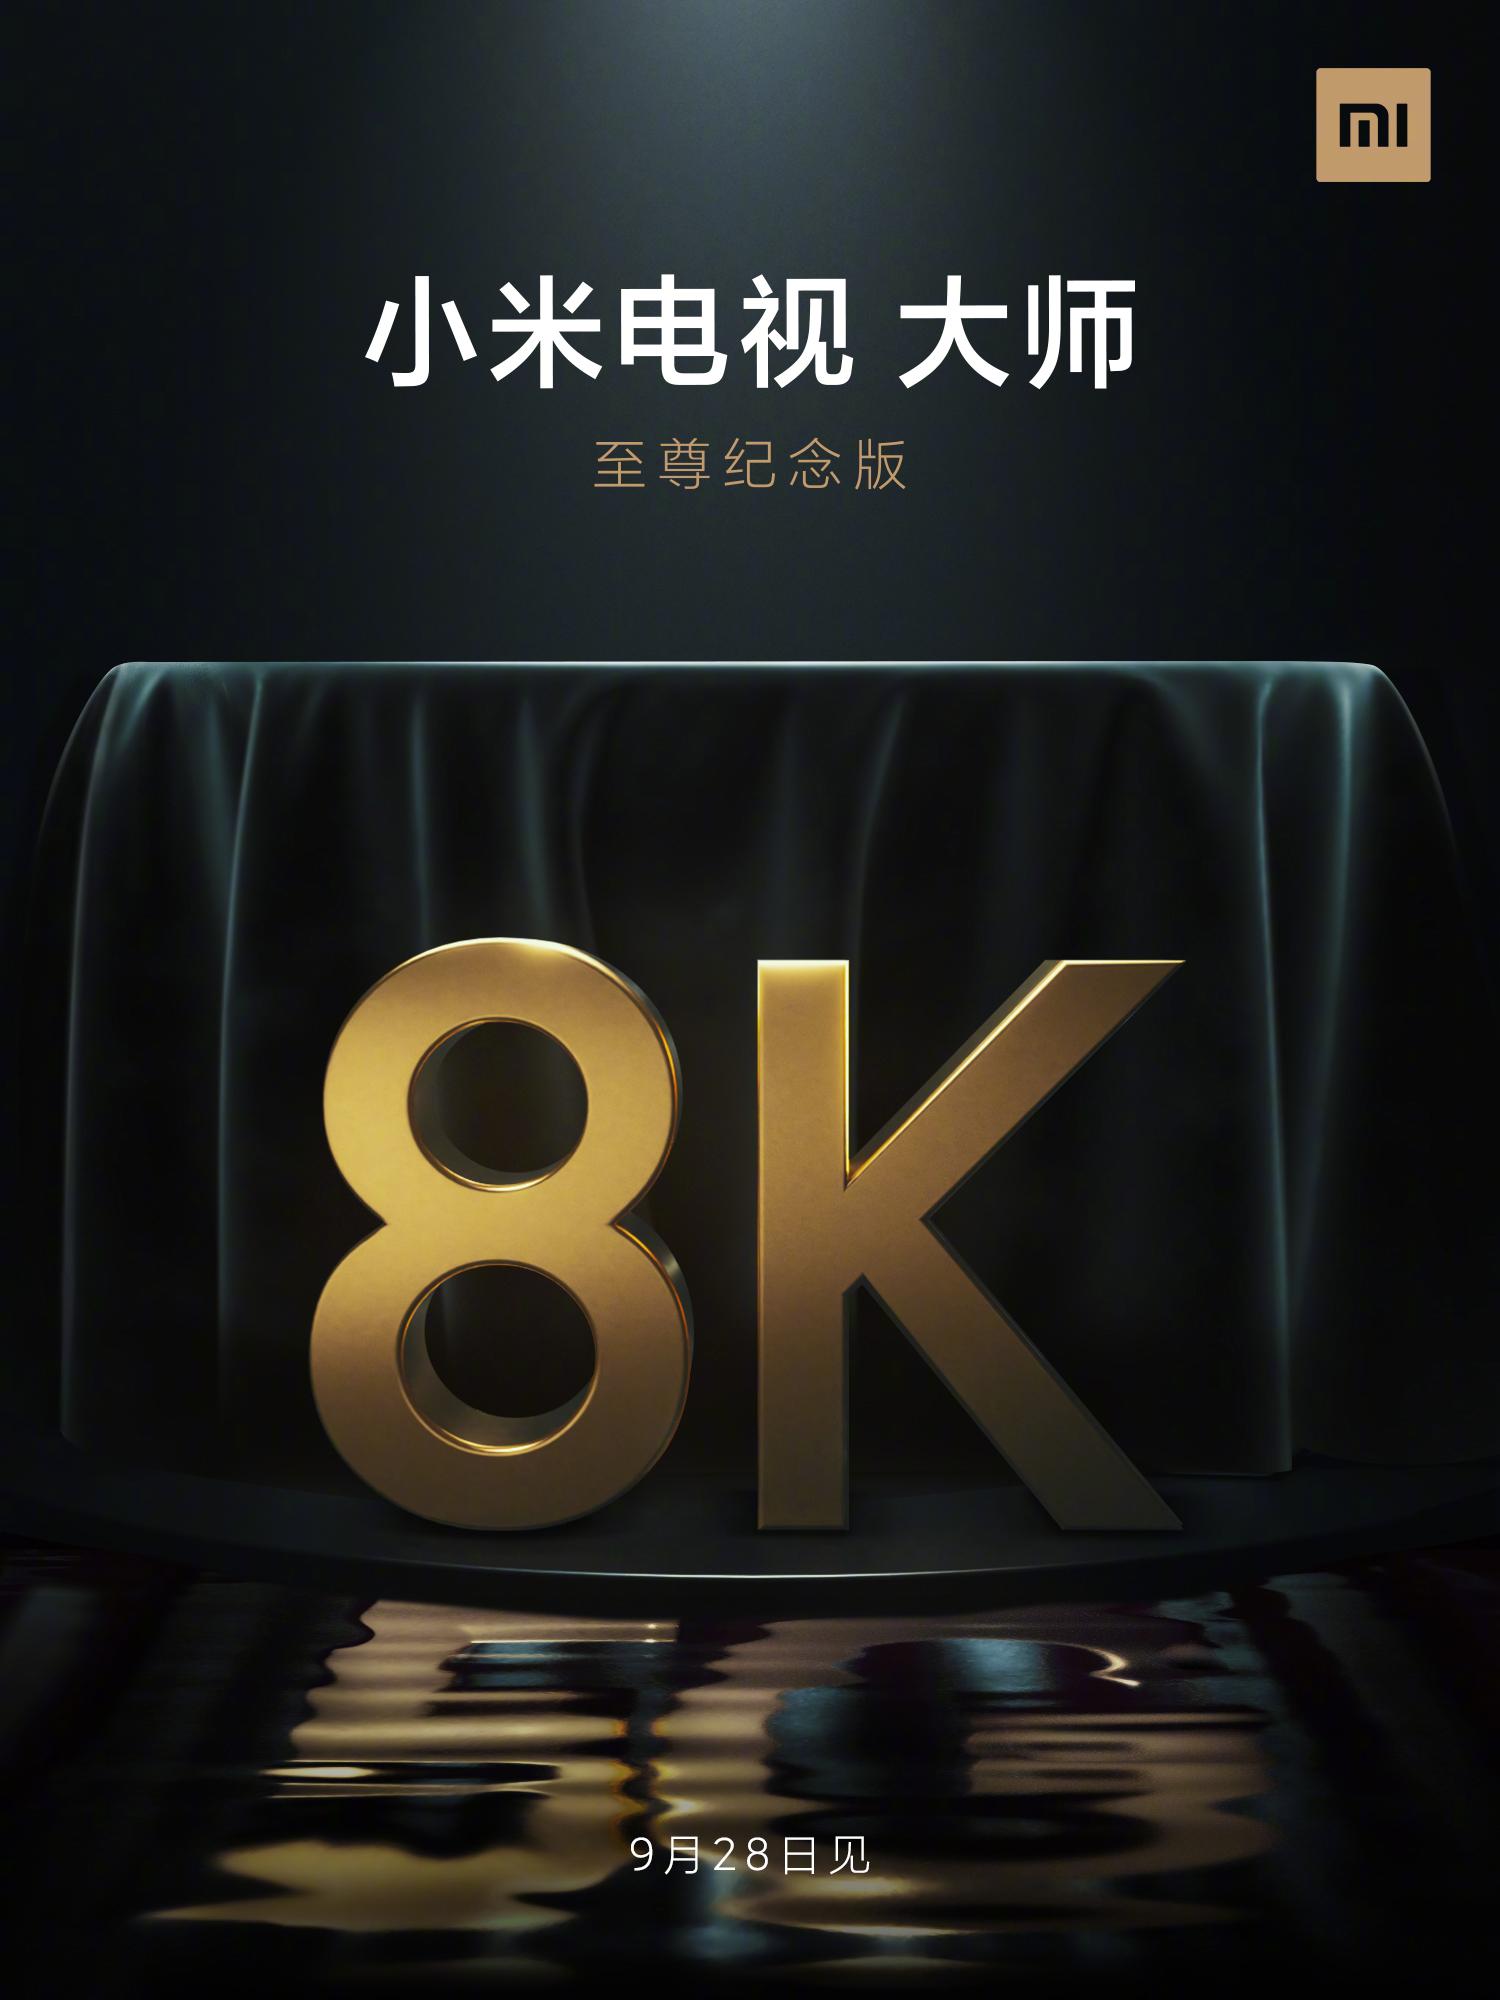 Xiaomi anuncia la llegada de su primer televisor 8K con tecnología 5G. Noticias Xiaomi Adictos